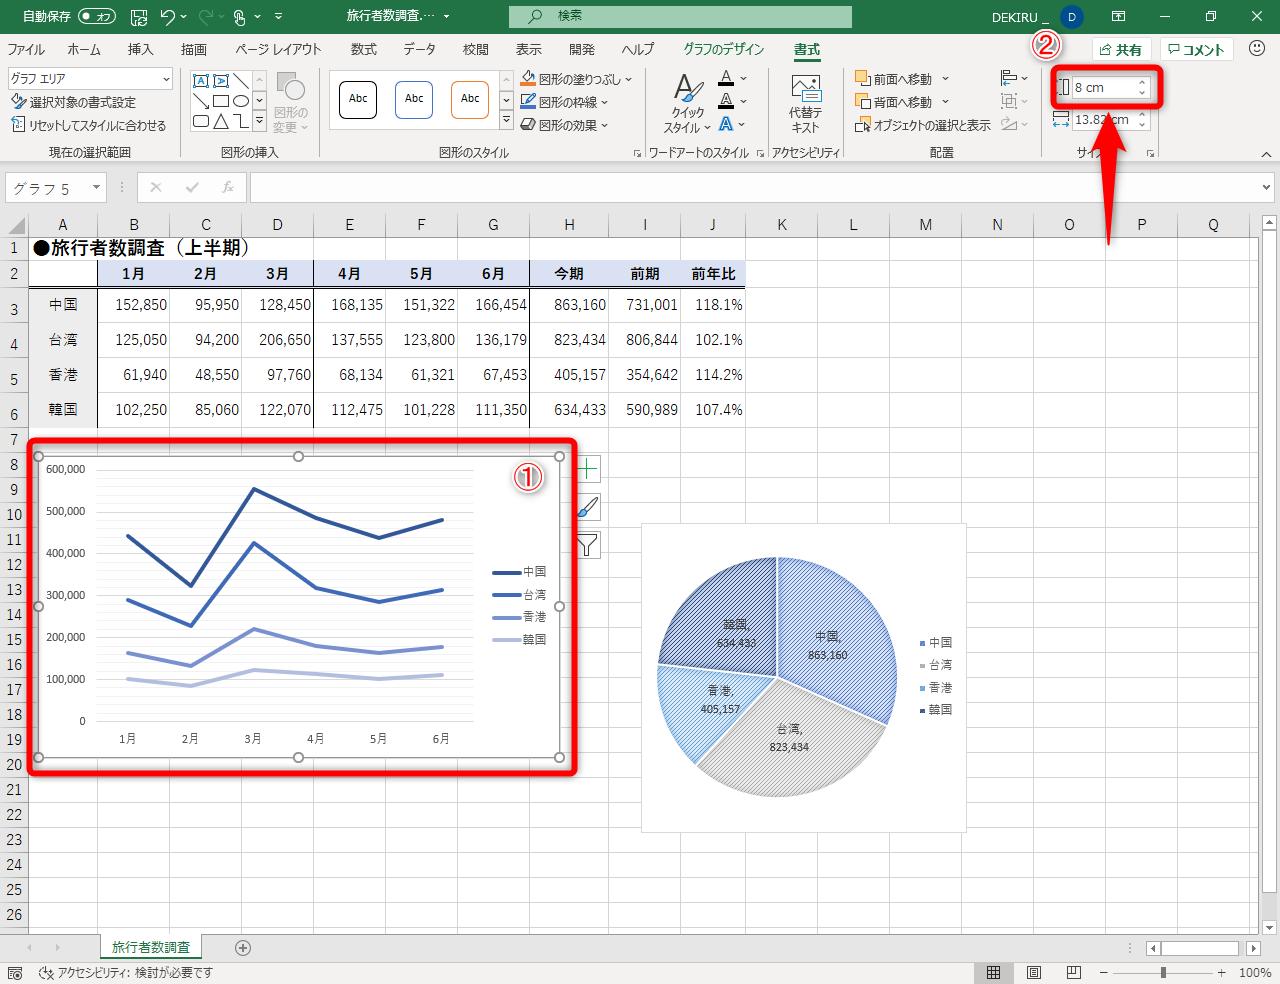 【エクセル時短】複数のグラフのサイズや位置をキレイに整えるには?